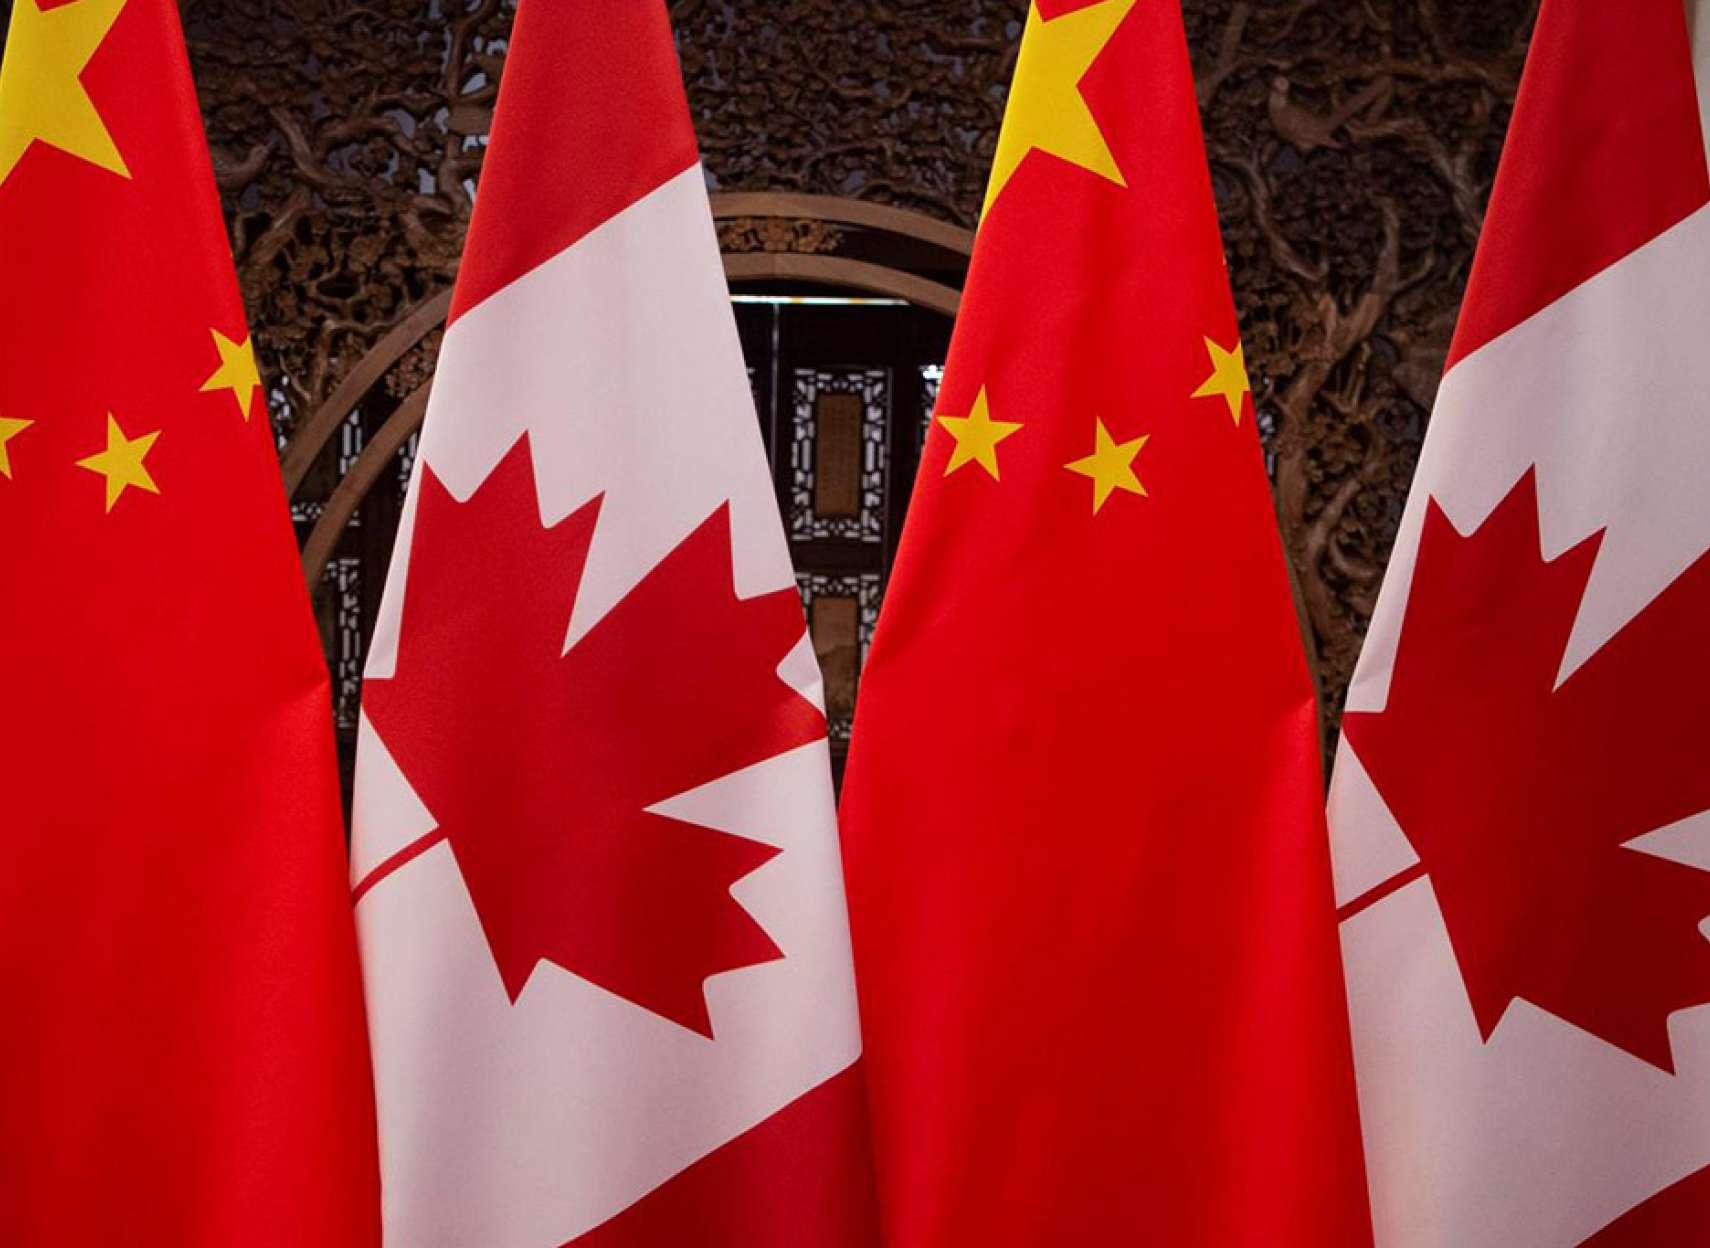 چین-امیدوار-به-اینکه-کانادا-نتیجه-همکاری-با-آمریکا-را-بفهمد-کانادا-اخبار